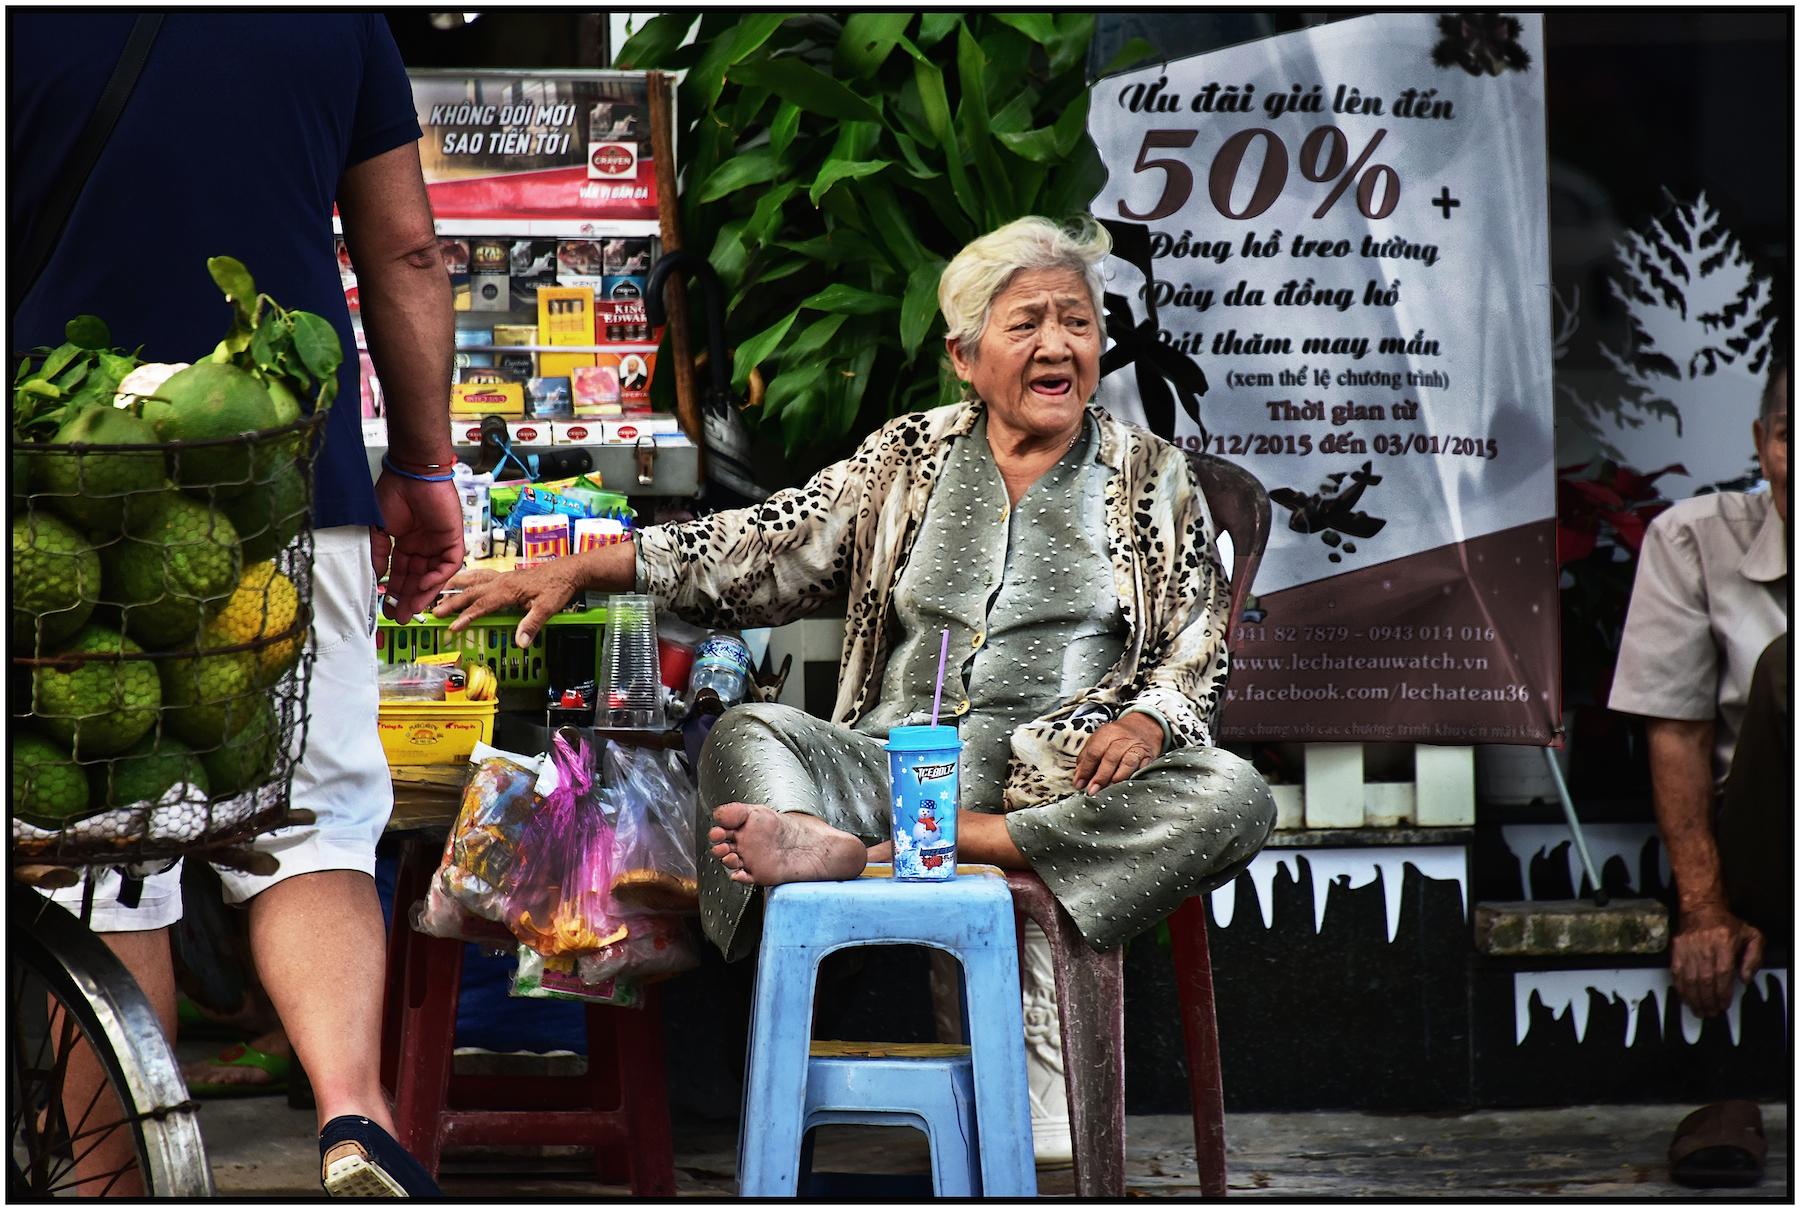 Street Vendor, Saigon/HCMC, Dec. 2015. #5204